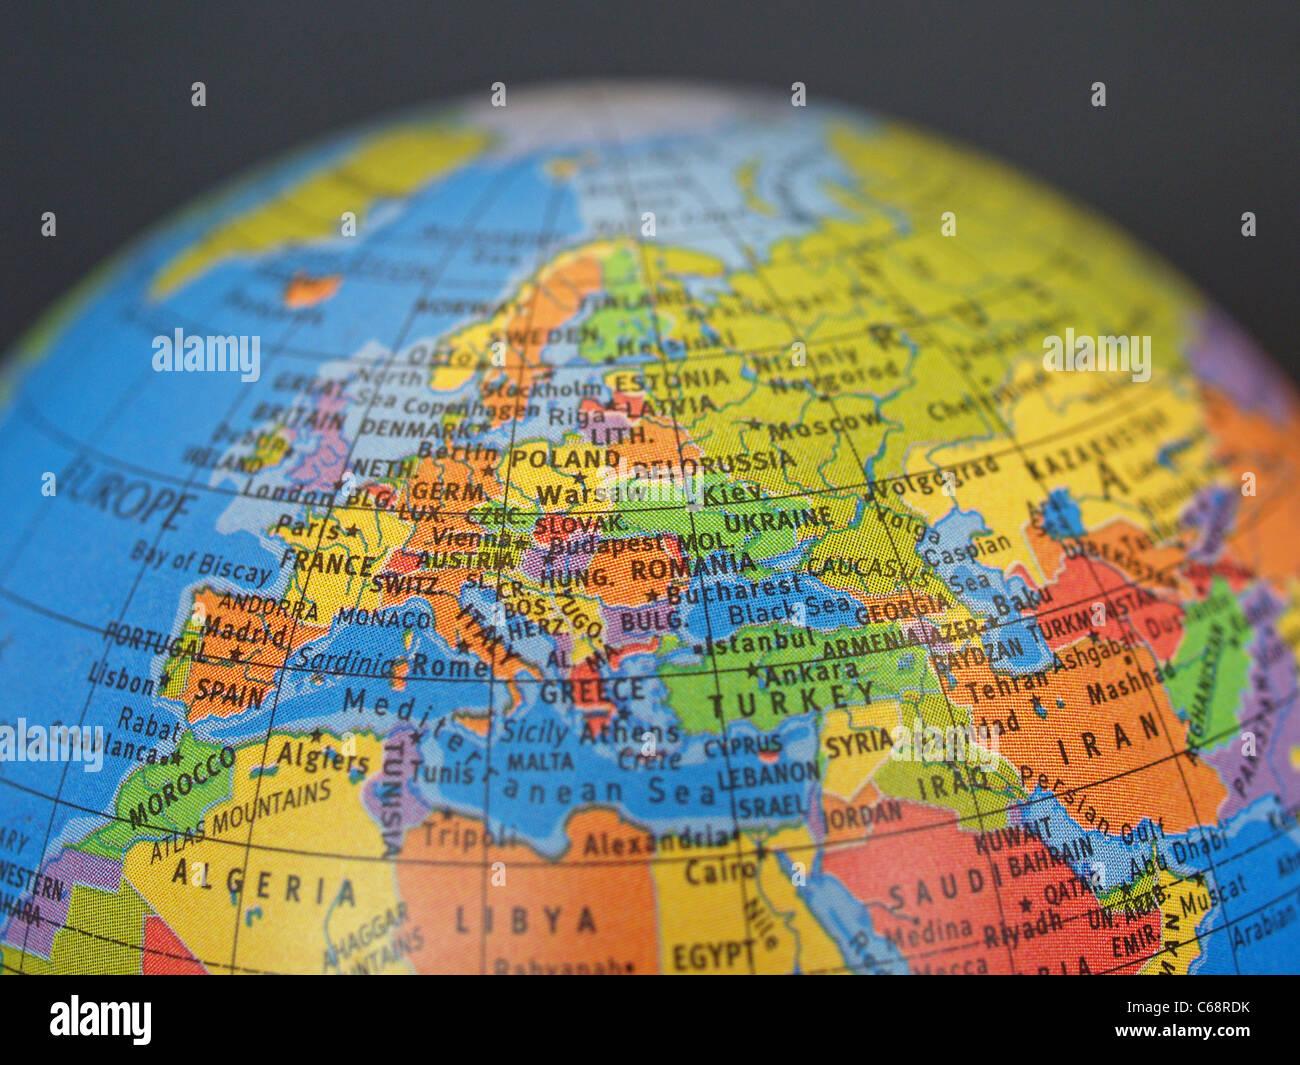 Detailansicht eines Globus Stockbild